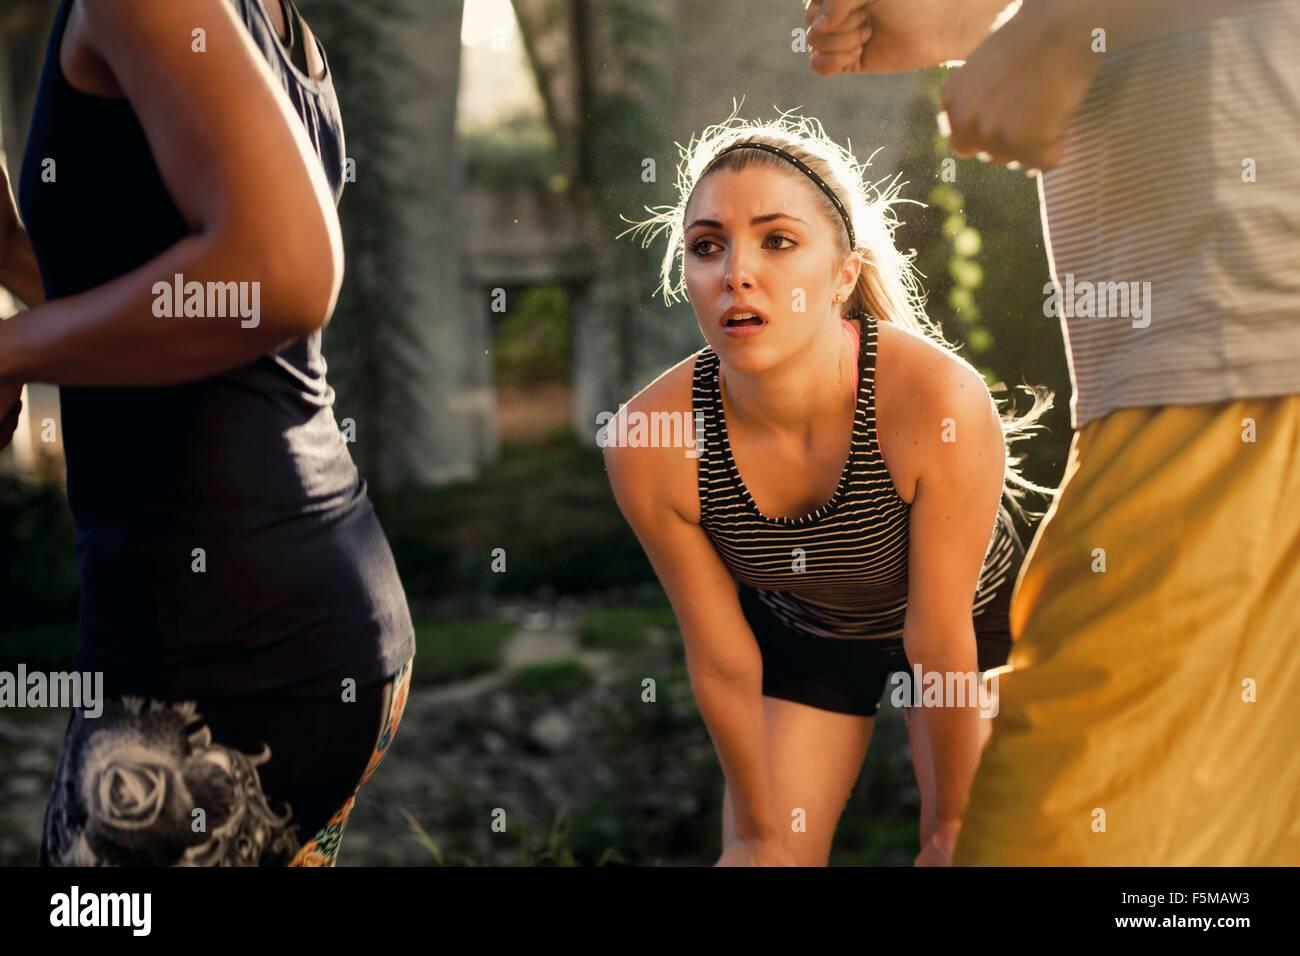 Les coureurs passé en courant jogger prendre pause, Arroyo Seco, Pasadena, Californie, USA Photo Stock